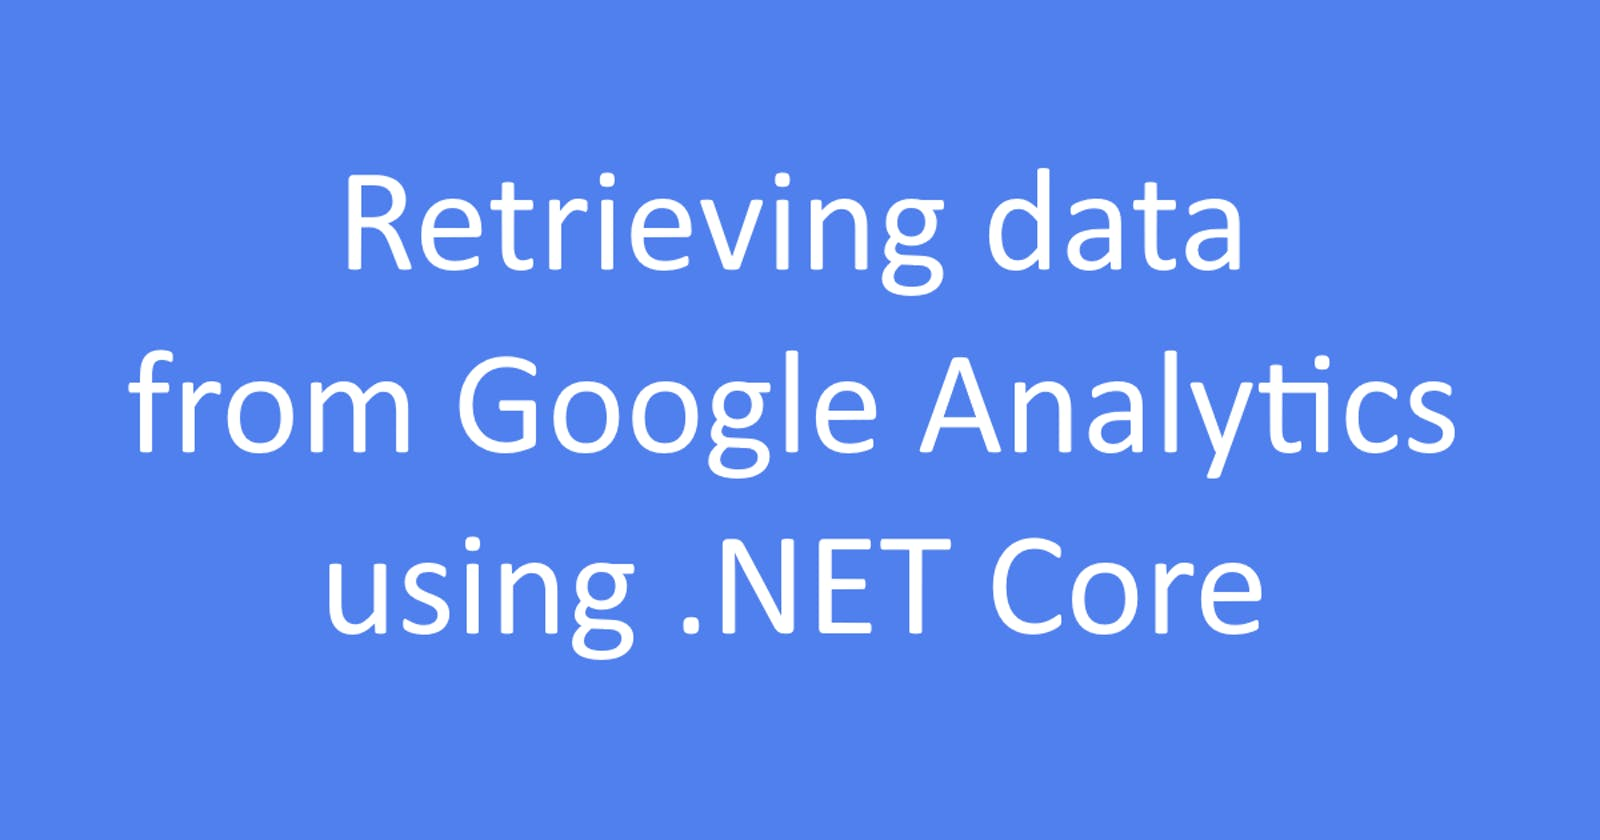 Retrieving data from Google Analytics using .NET Core